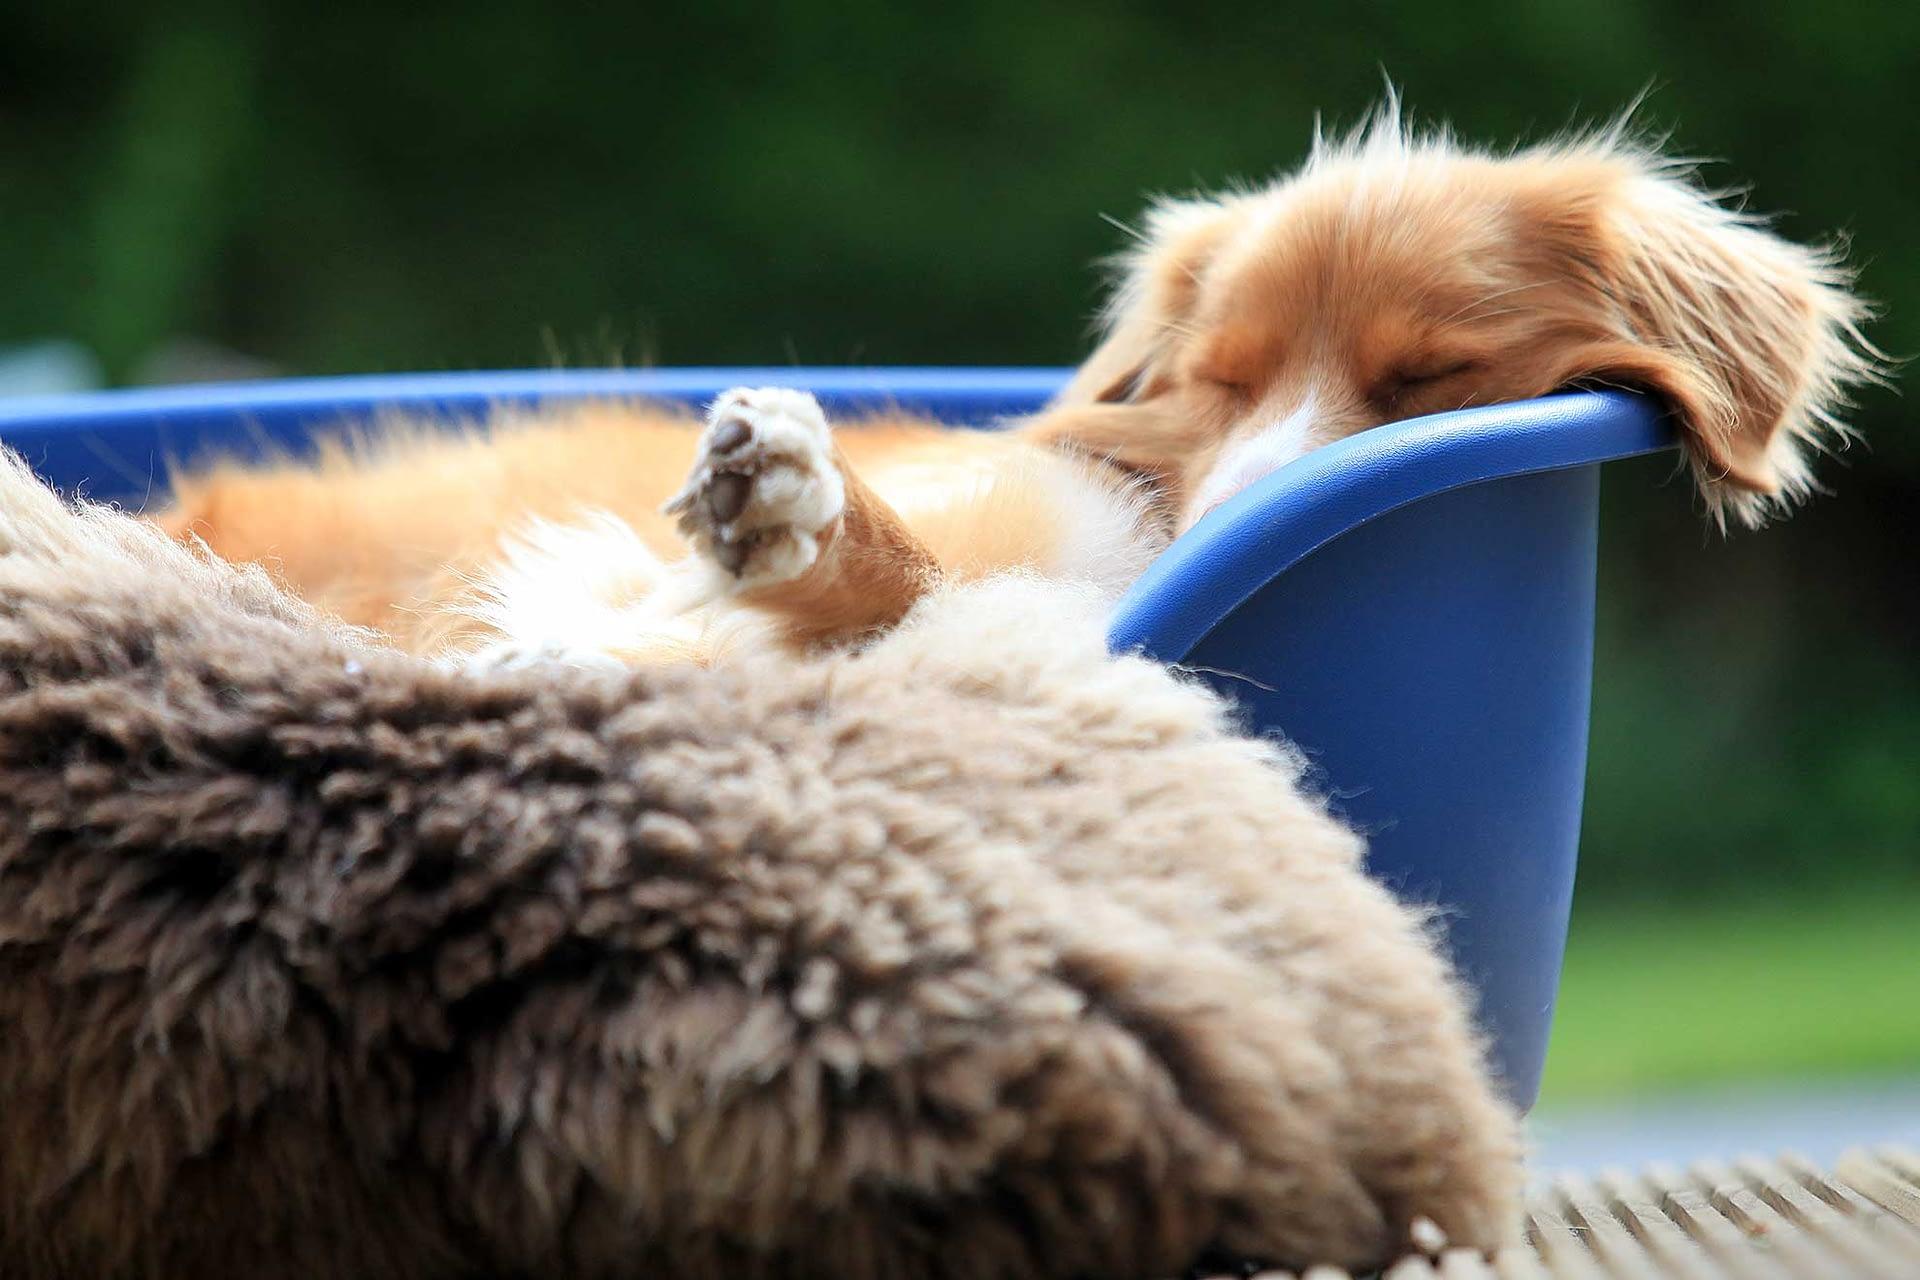 In de mand ligt een hond te slapen. copyright D. van den Hoek.